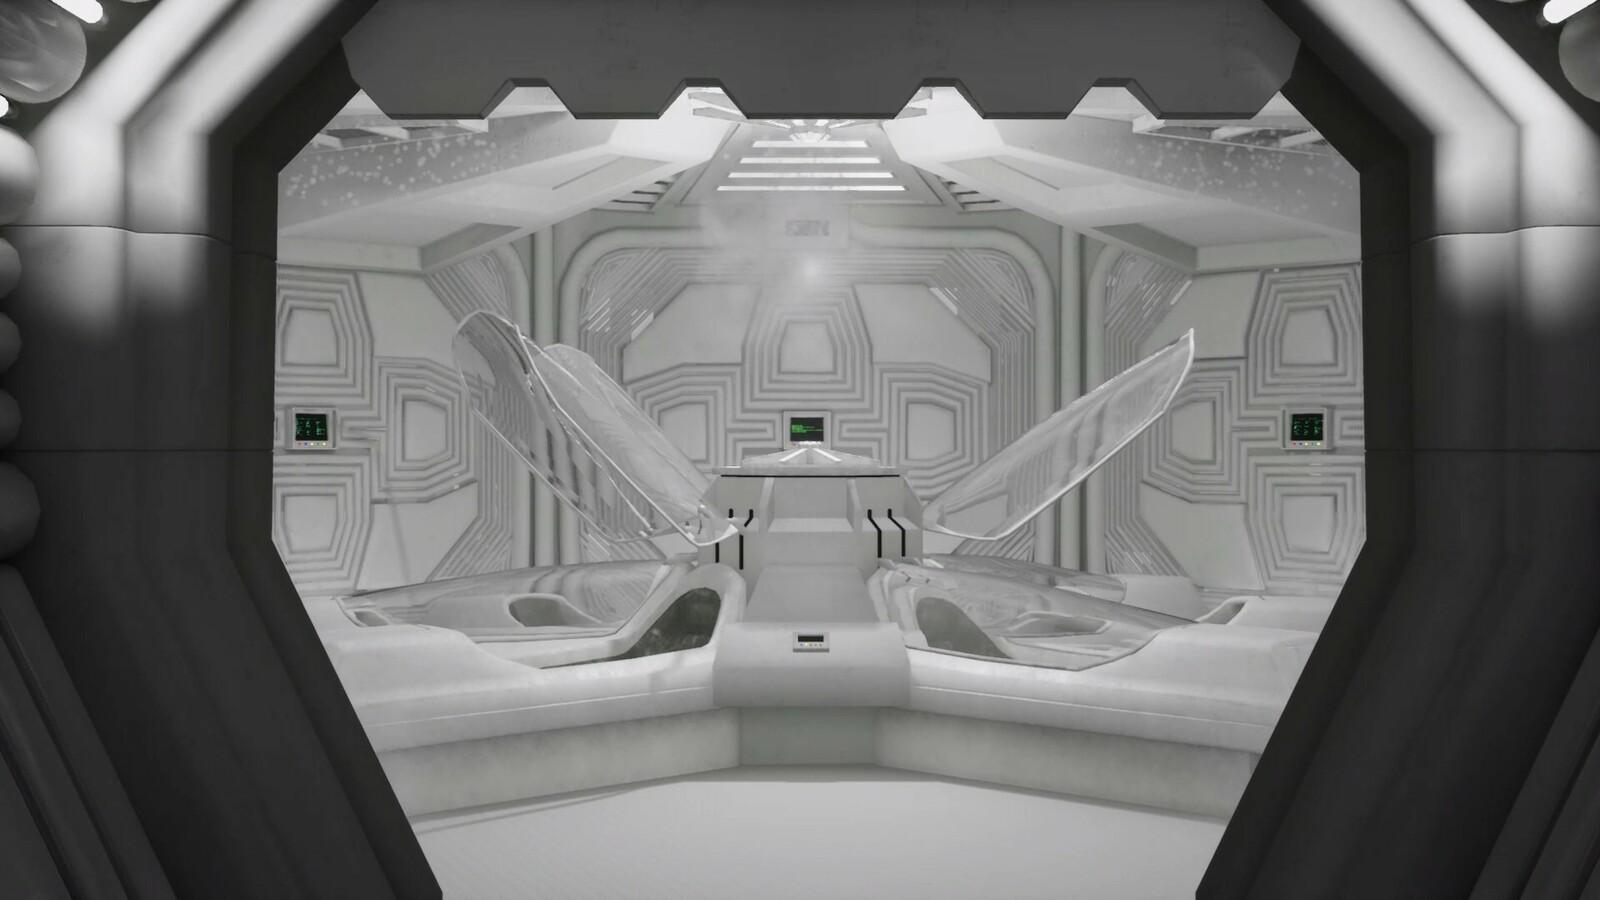 Hypersleep chamber 01